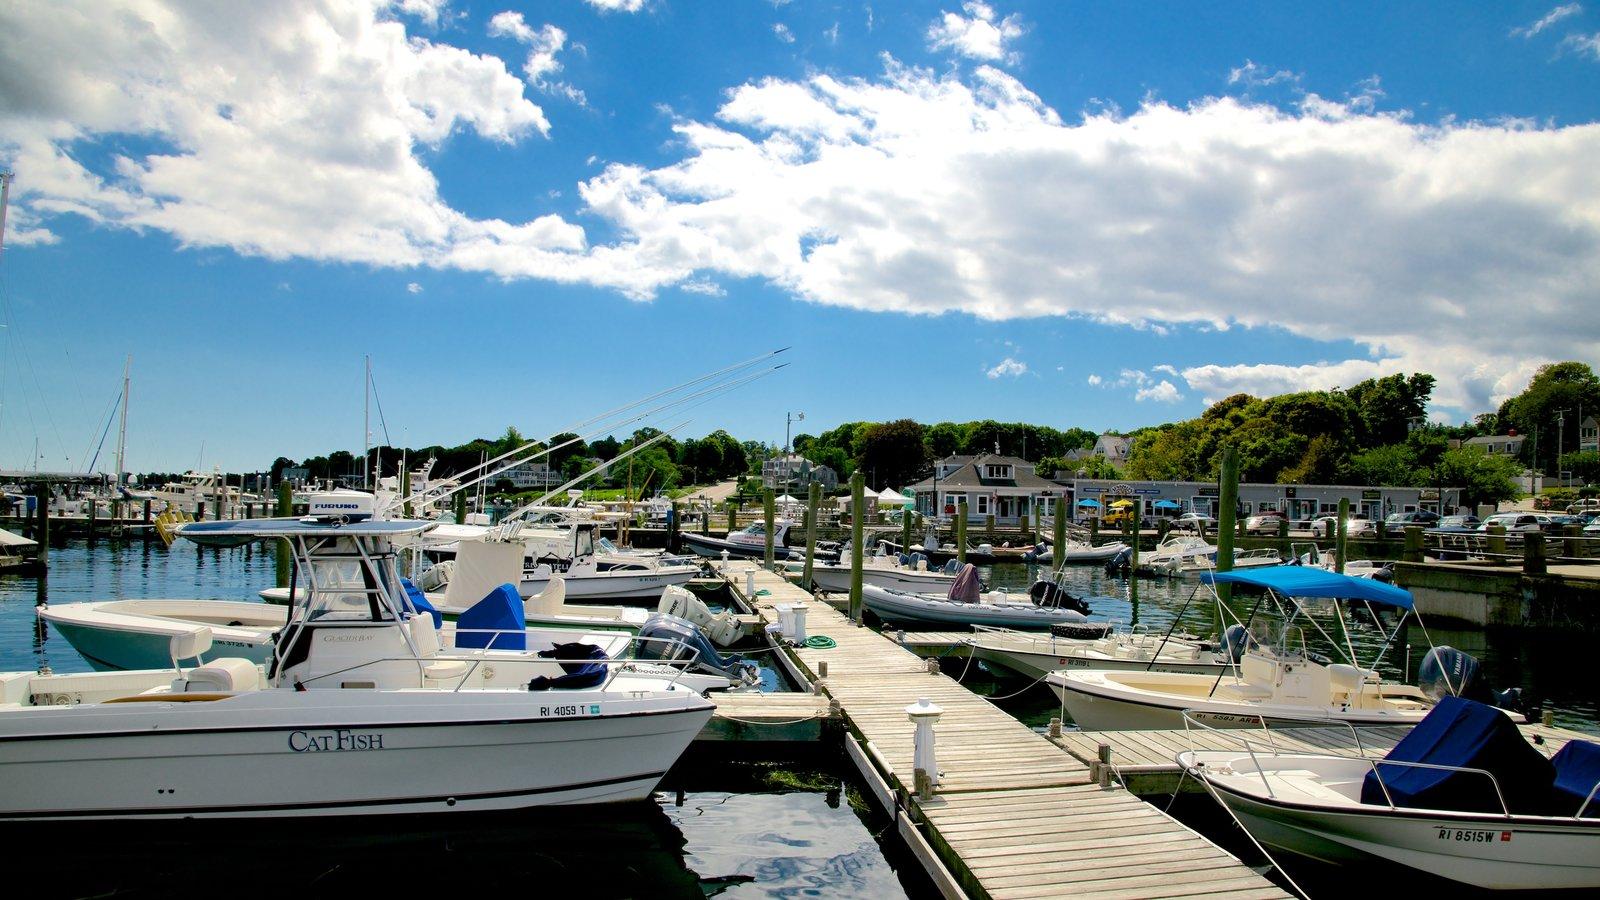 Newport que incluye una bahía o puerto